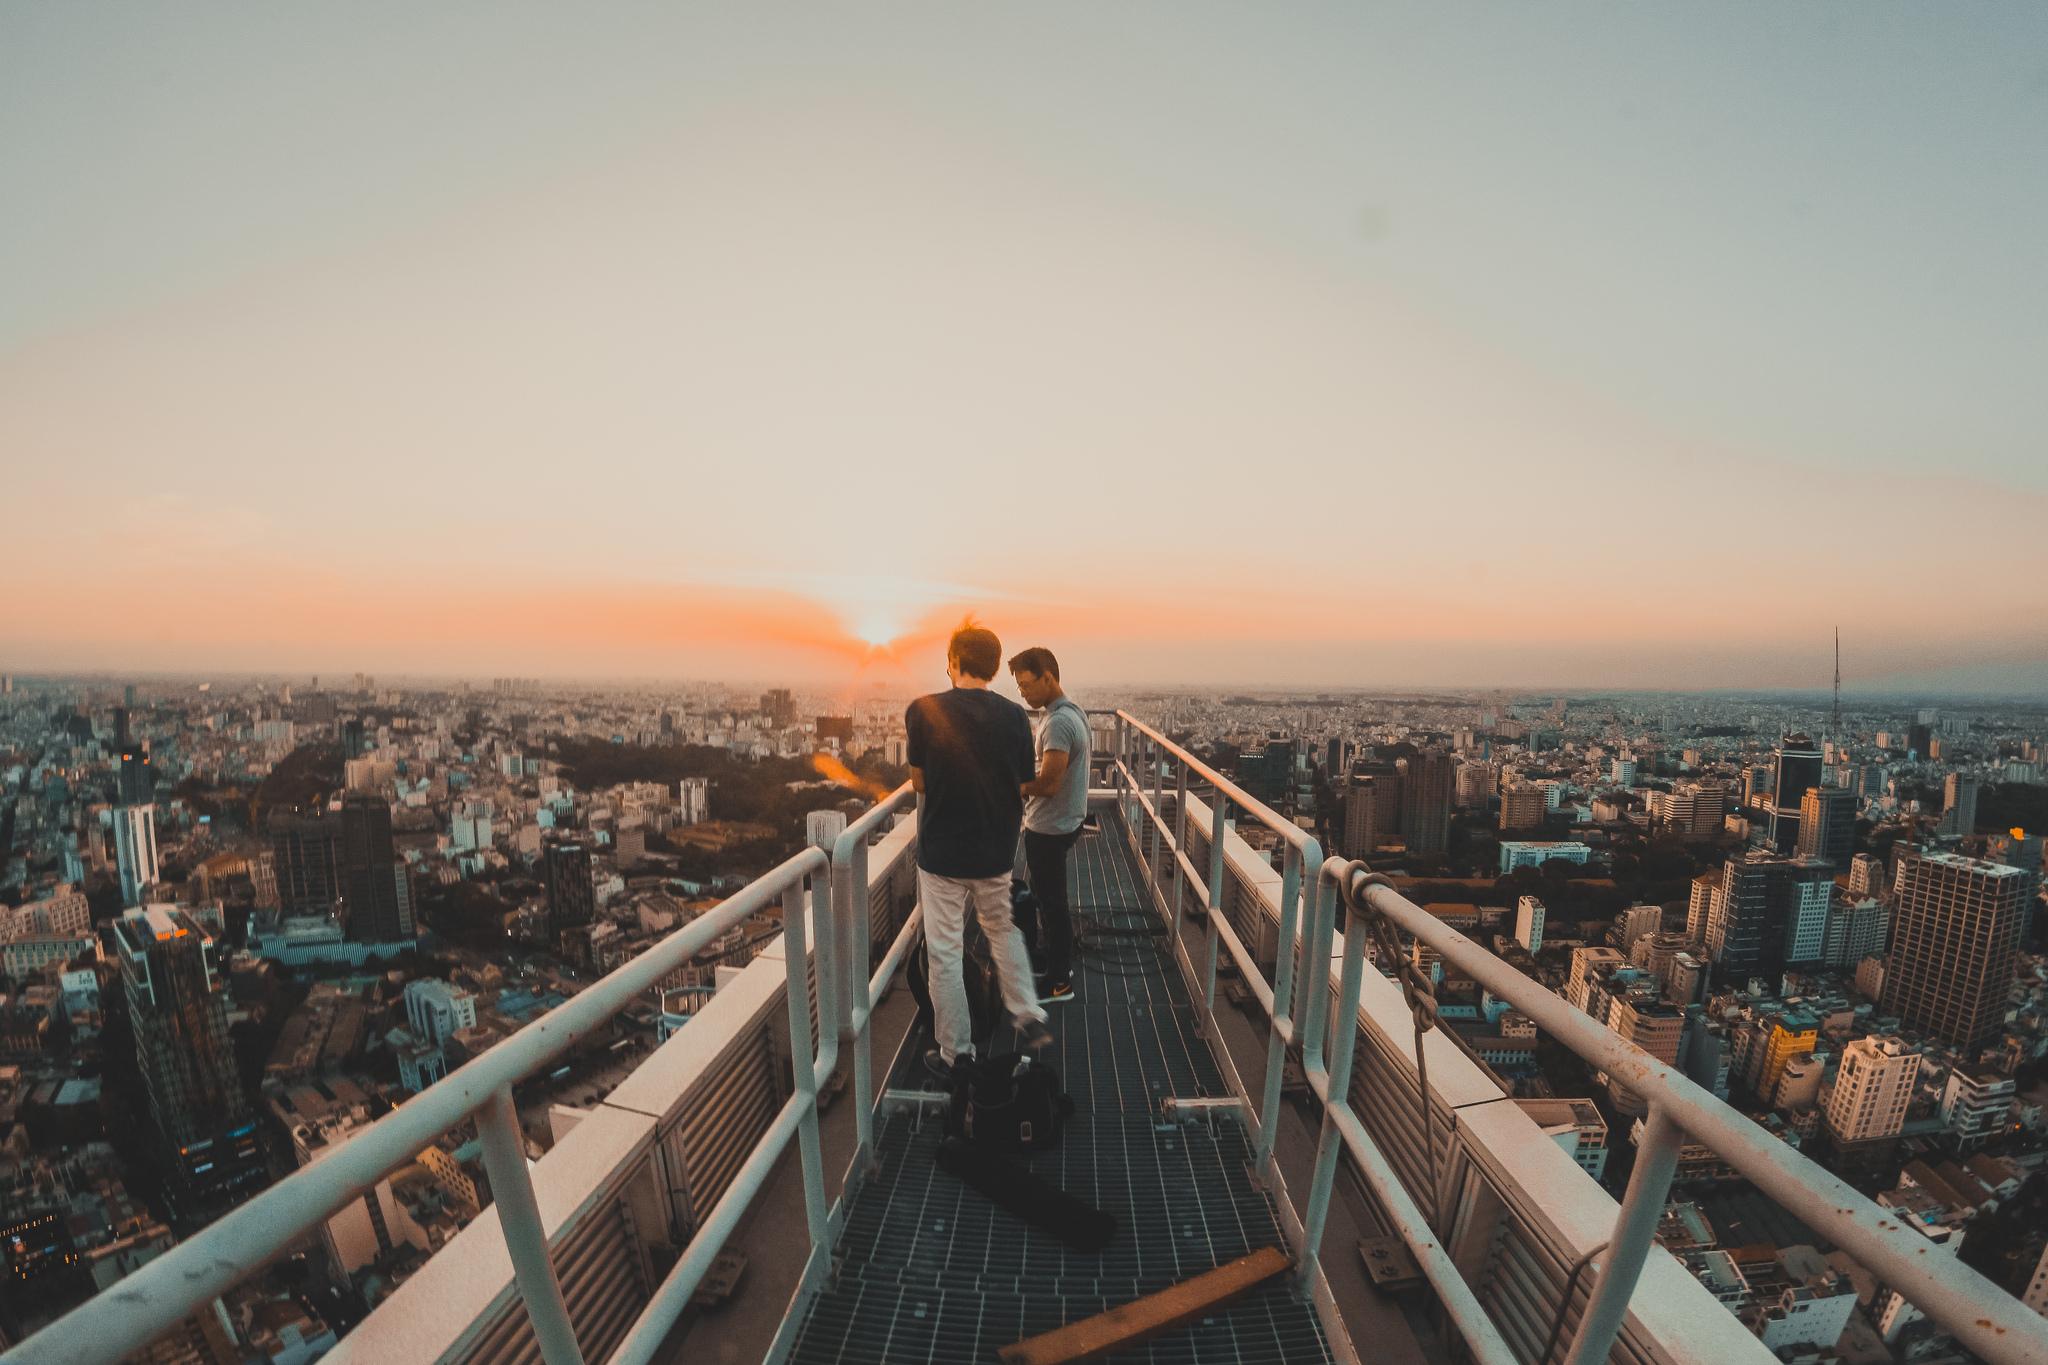 9x với loạt ảnh chụp từ trên cao khiến bạn ngỡ ngàng vì vẻ đẹp choáng ngợp của Sài Gòn - Ảnh 3.